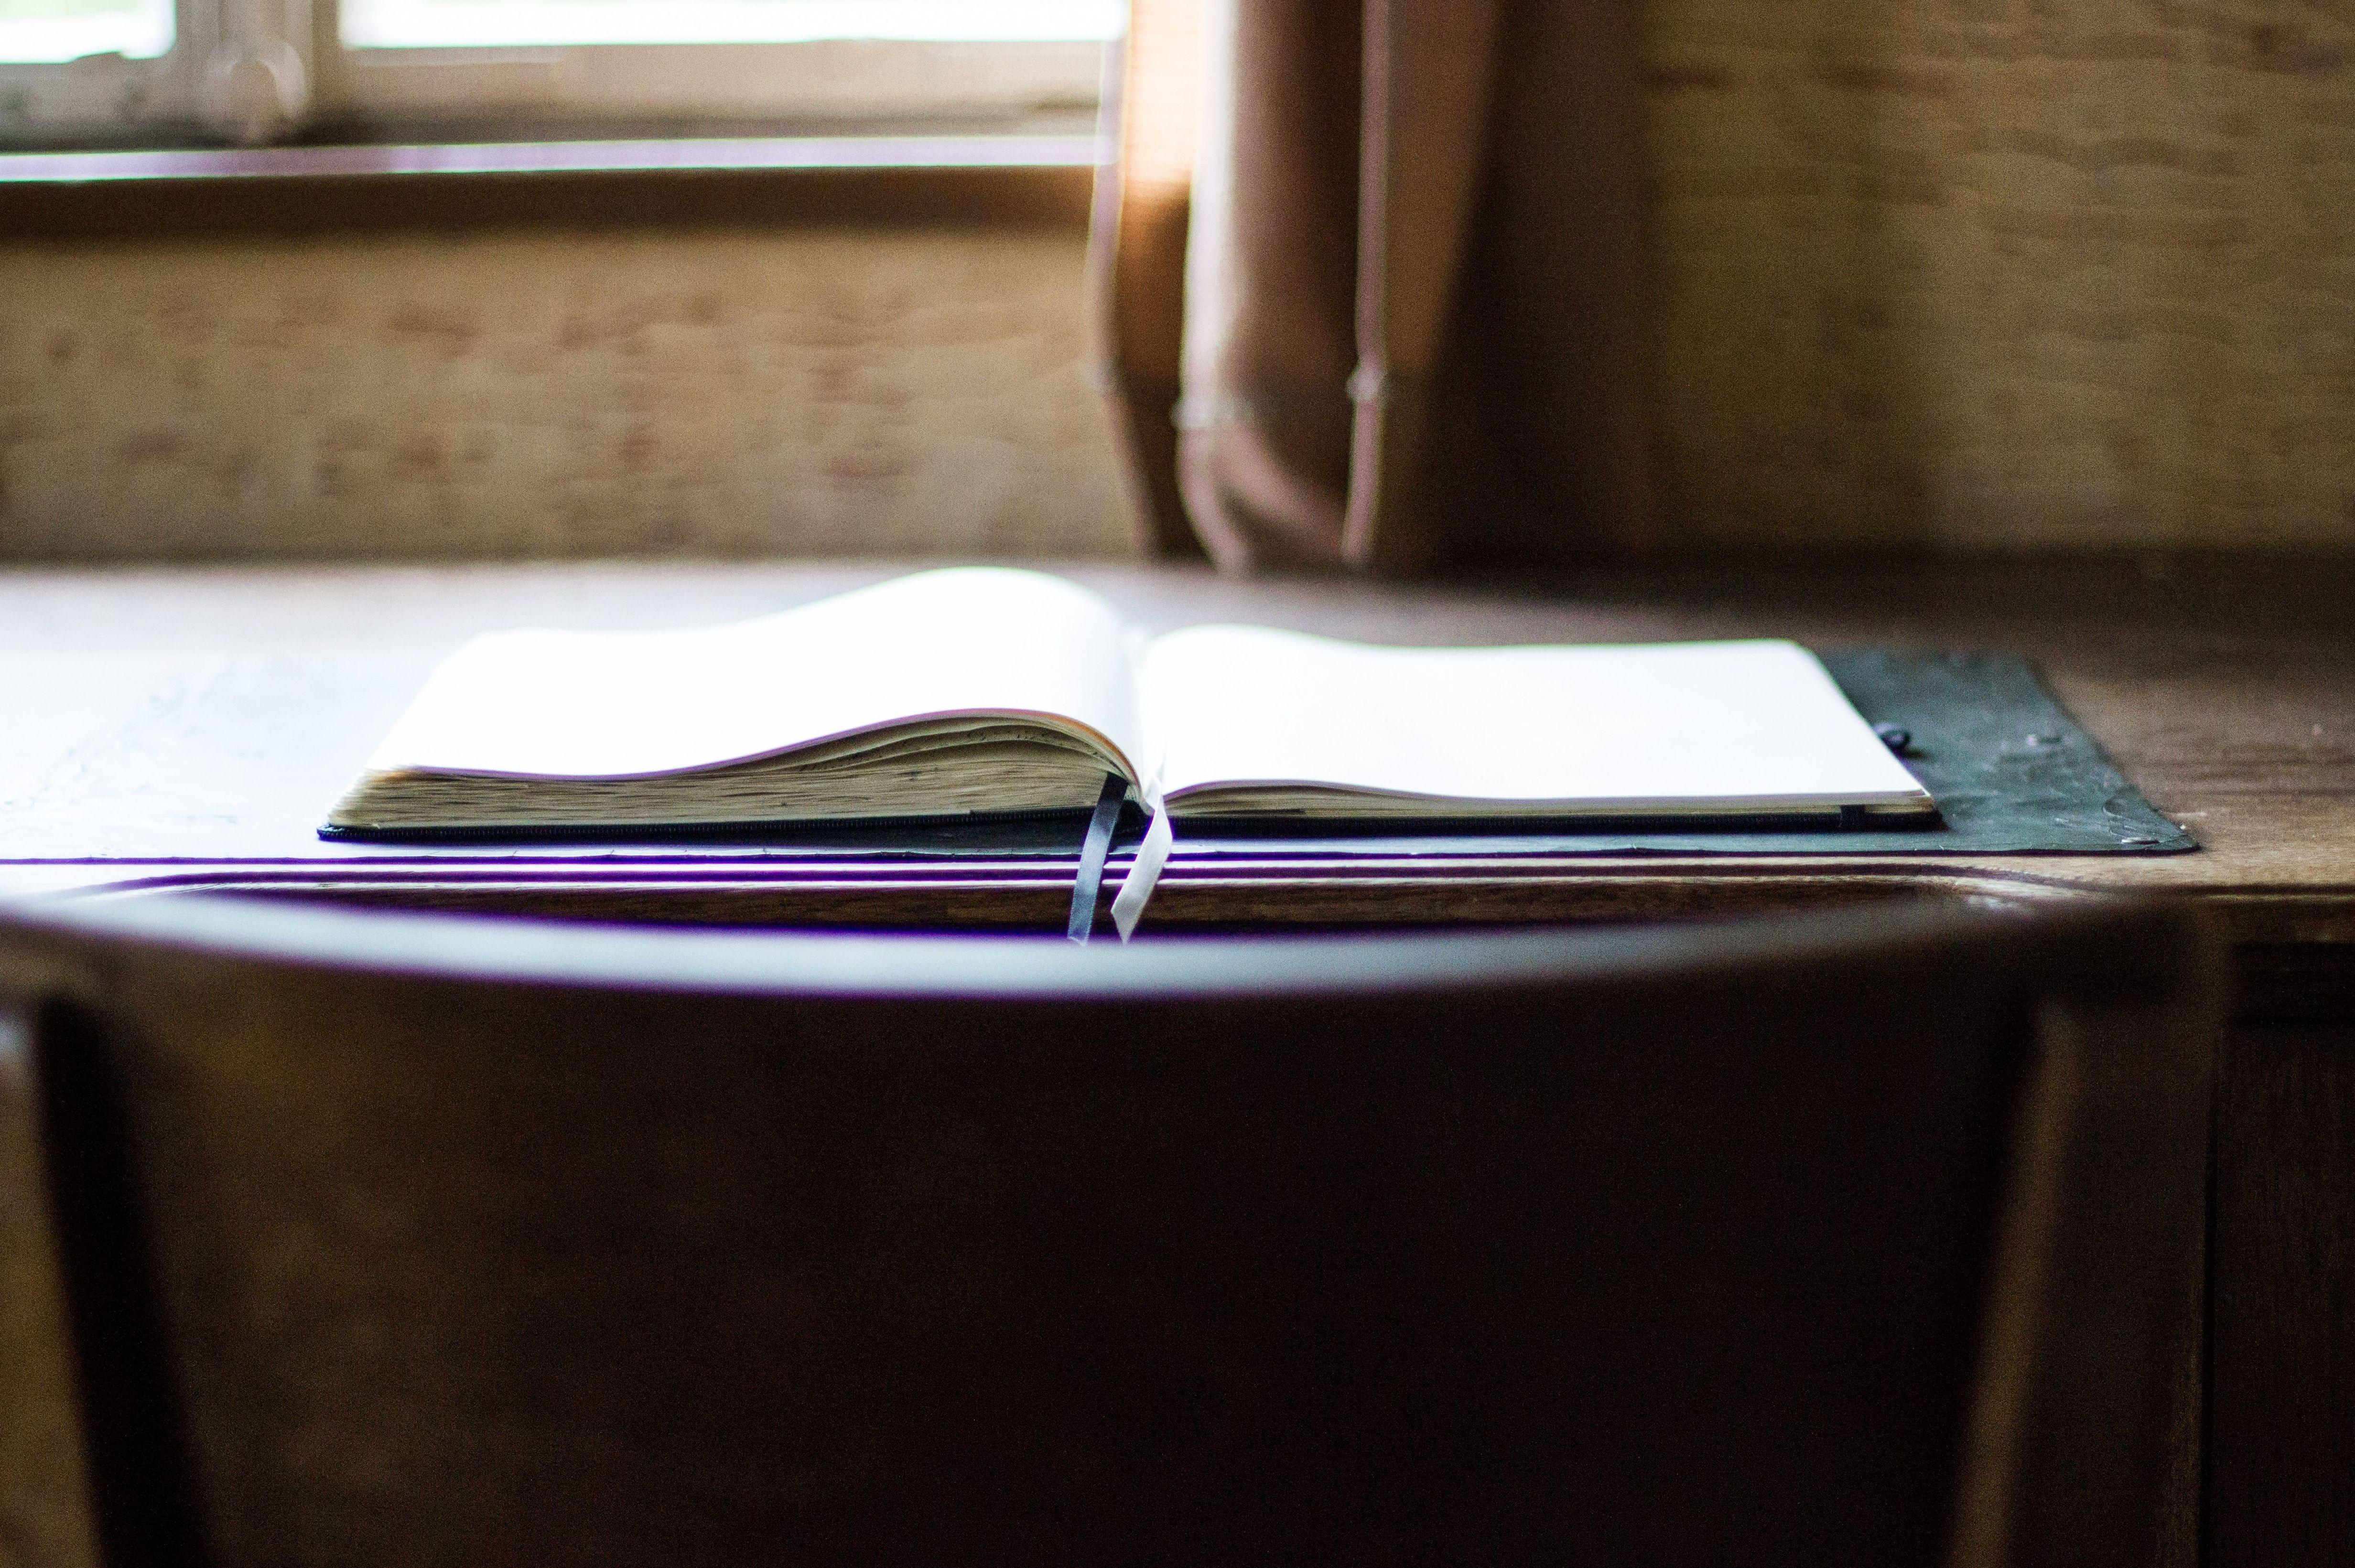 Los diez mandamientos no escritos. Psicologo Murcia, consulta de psicoterapia Murcia